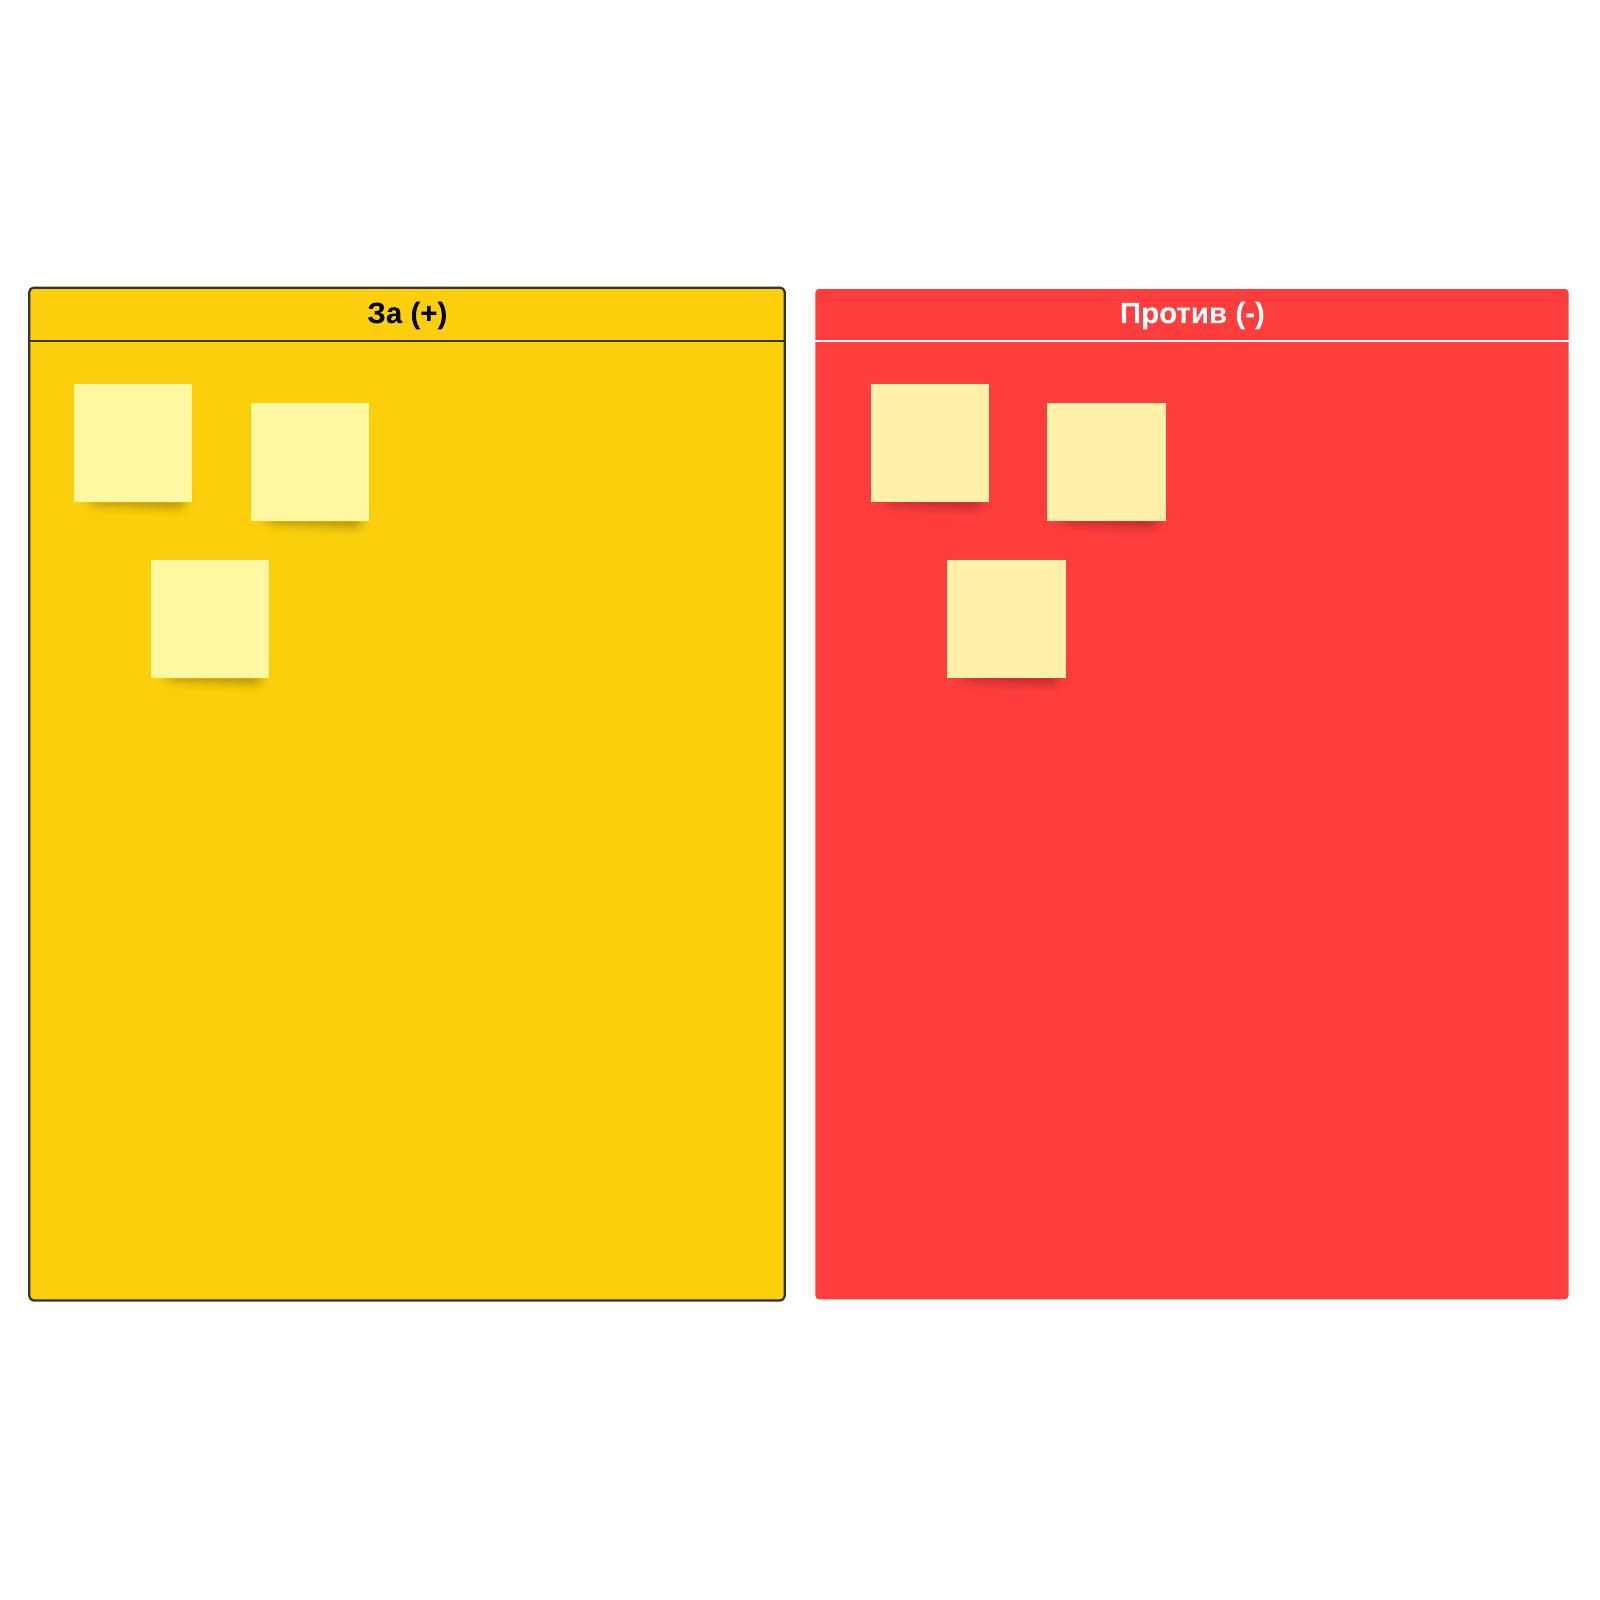 Шаблон списка «за» и «против»